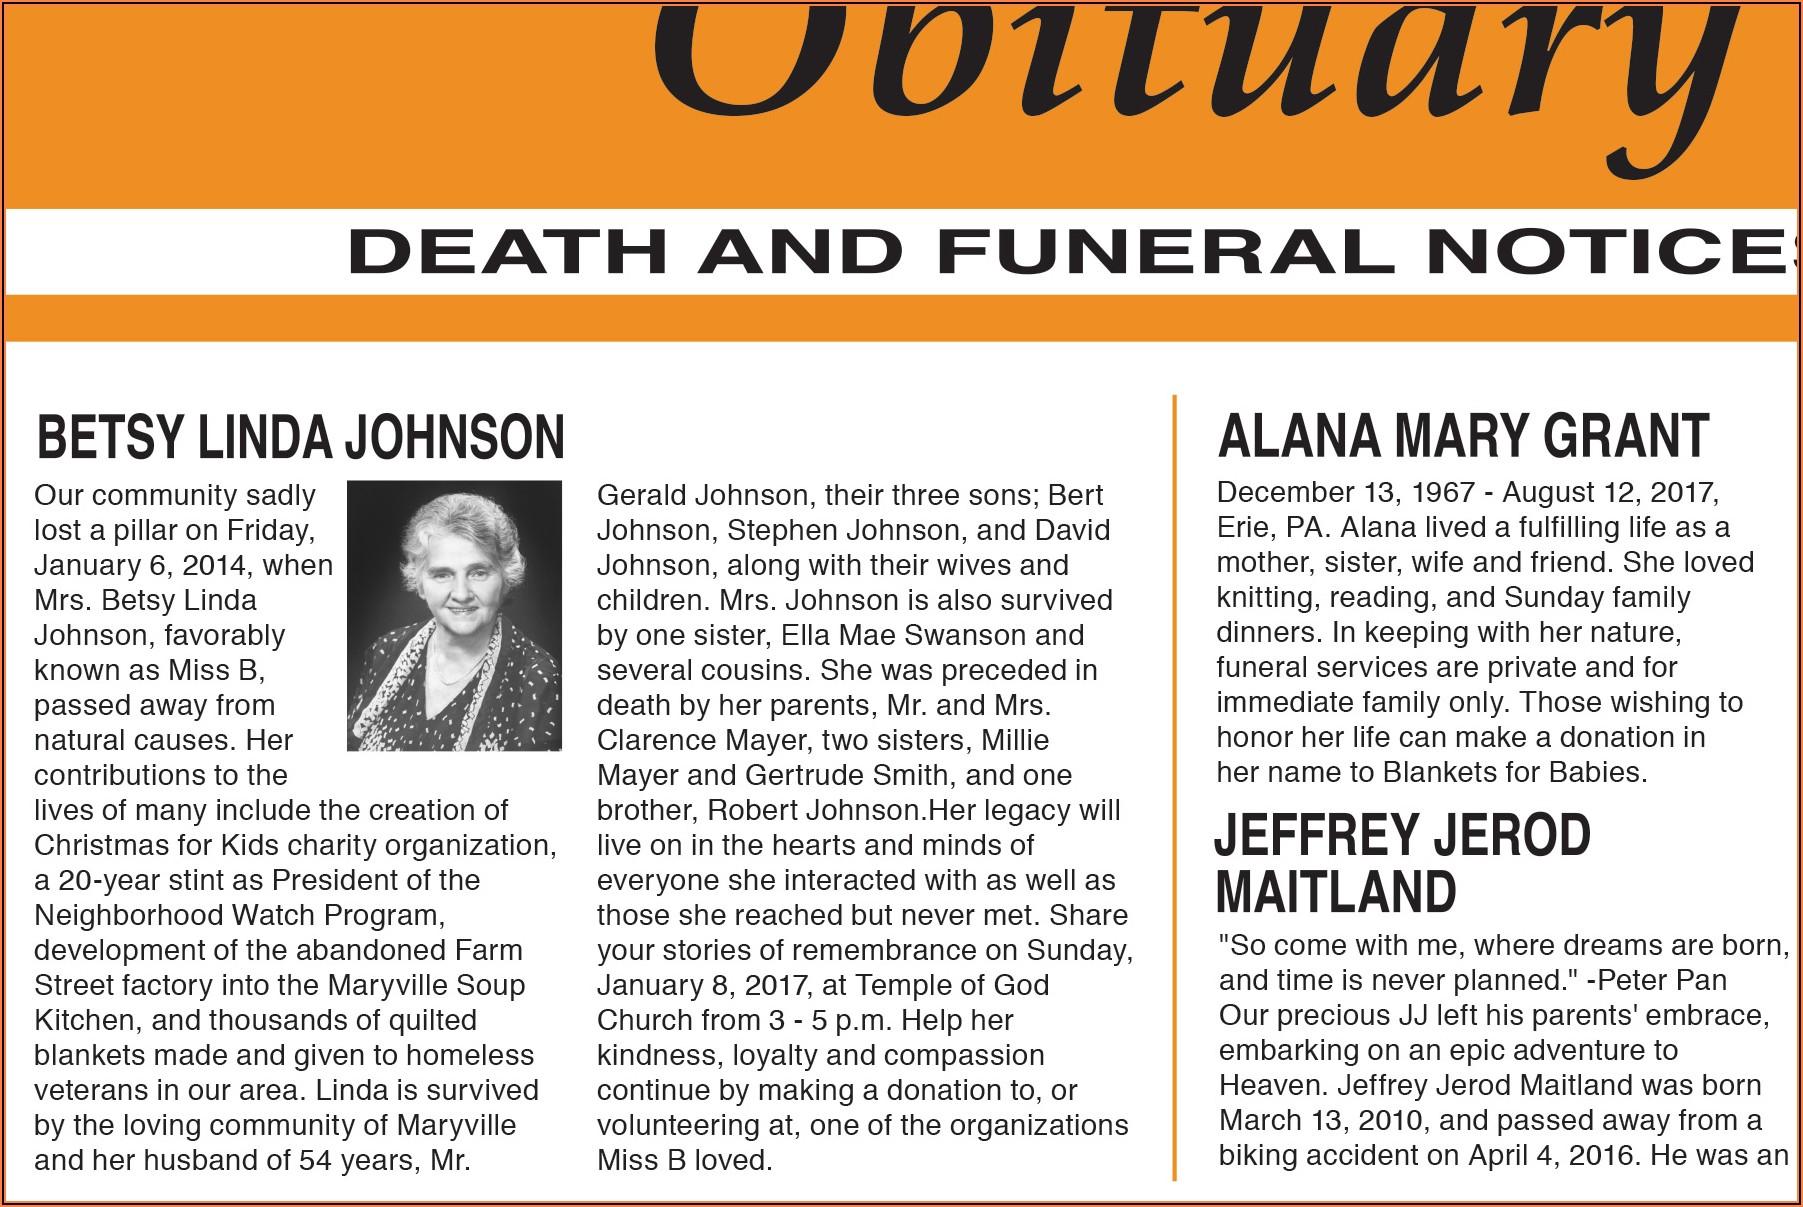 Death Notice Wording Examples